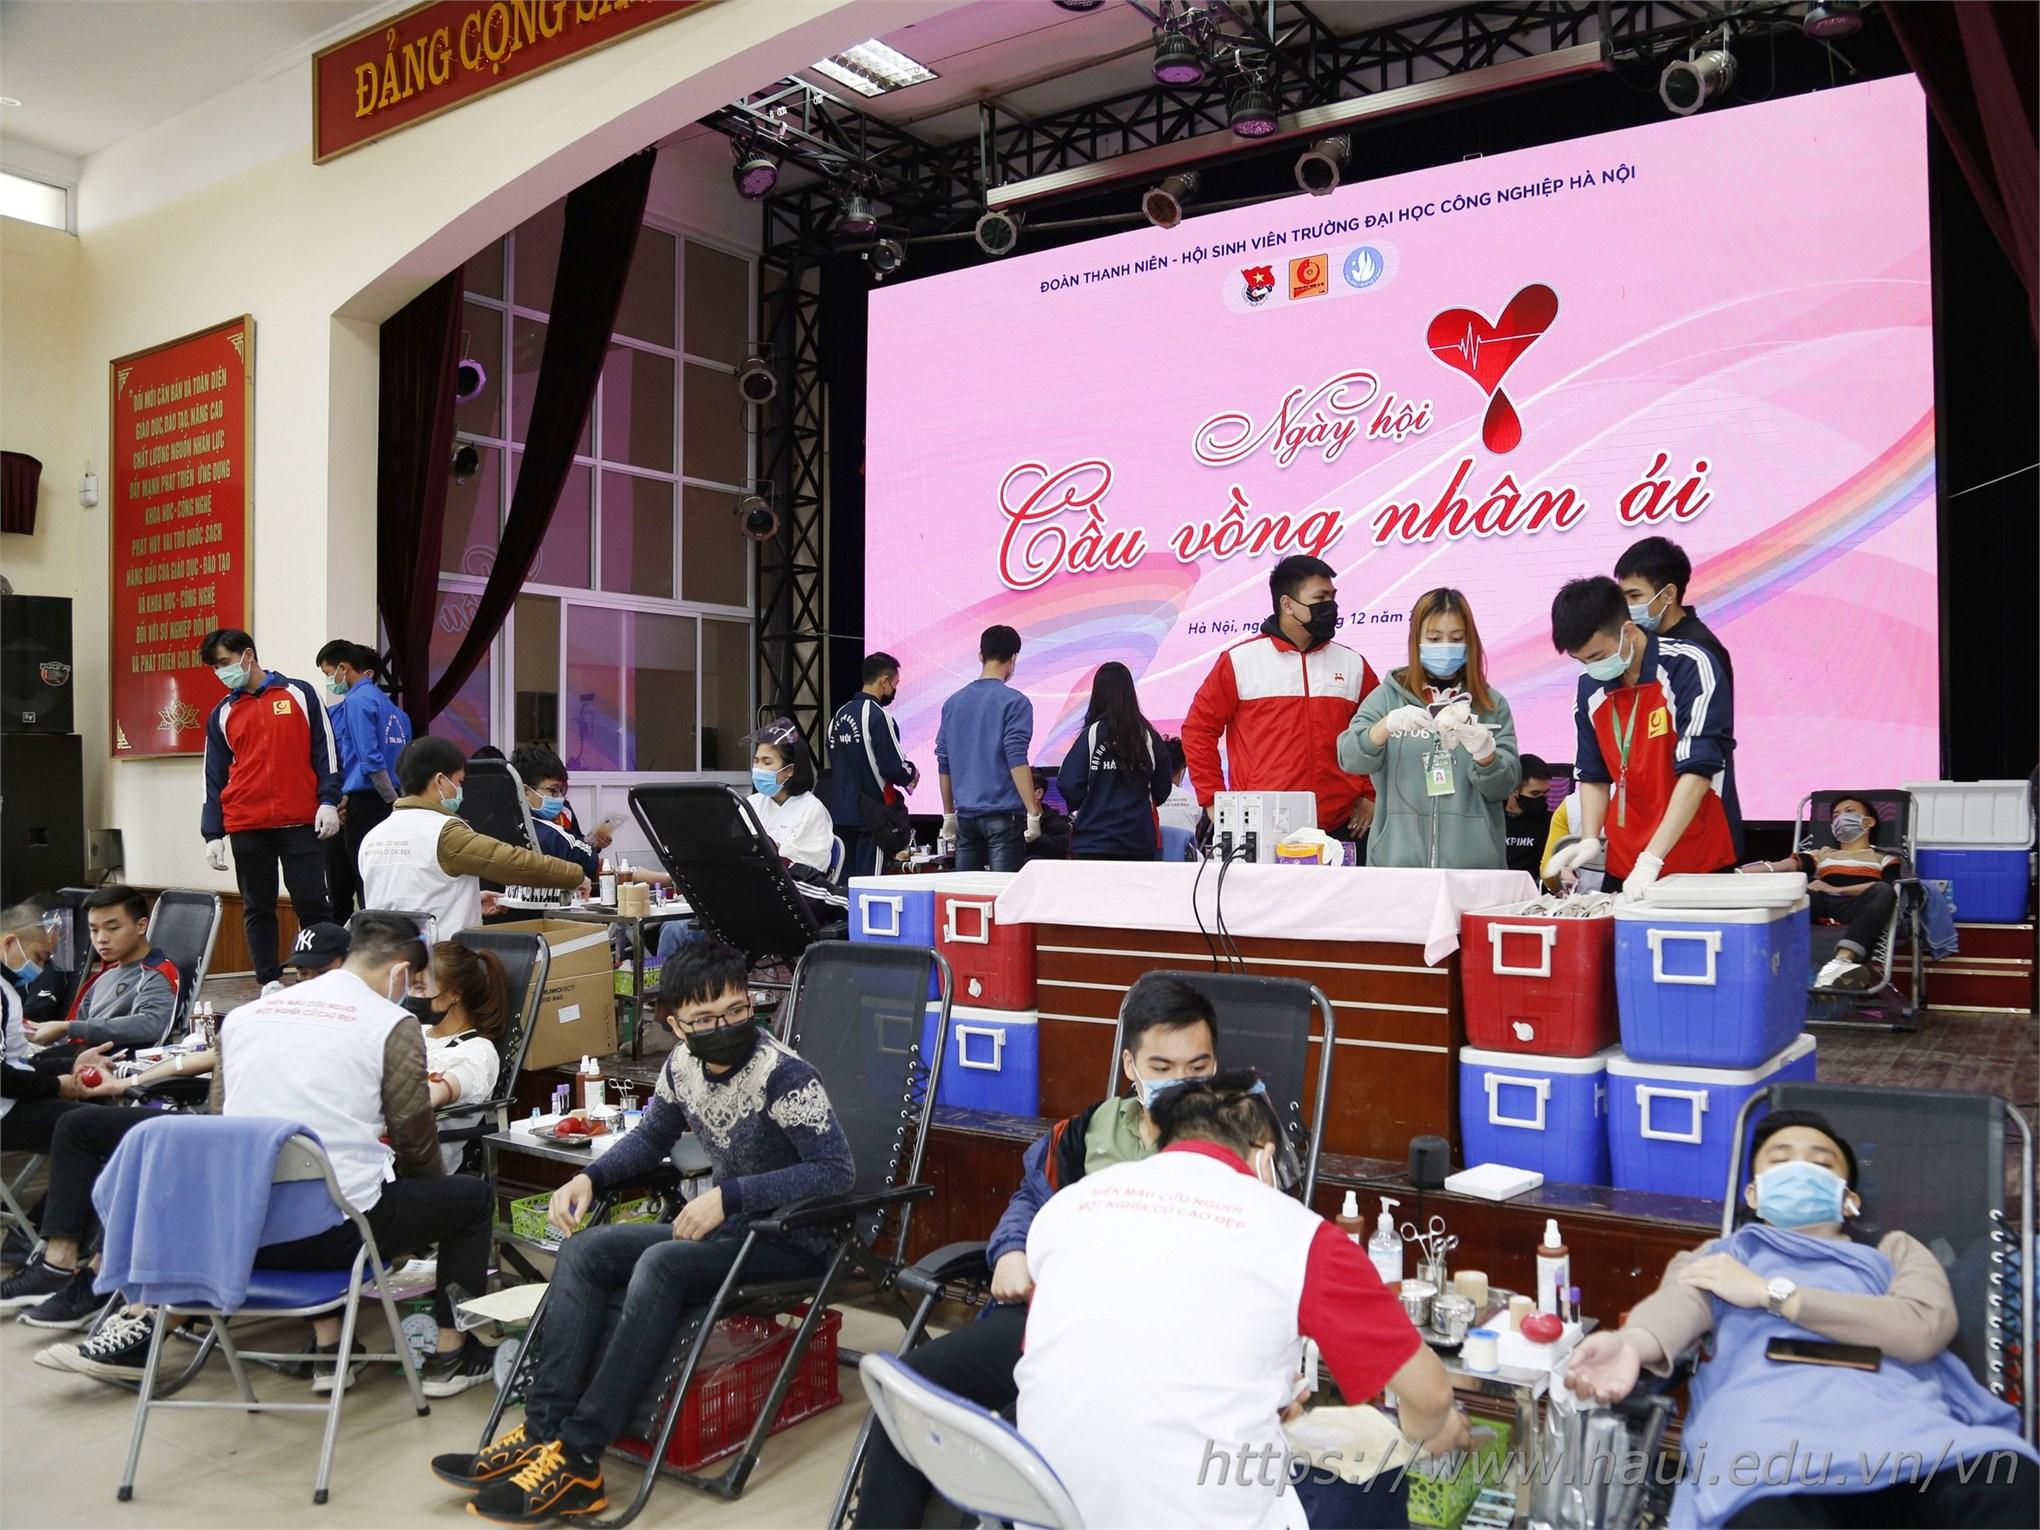 Tuổi trẻ Đại học Công nghiệp Hà Nội hiến tặng 521 đơn vị máu tại Ngày hội Cầu vồng nhân ái năm 2020